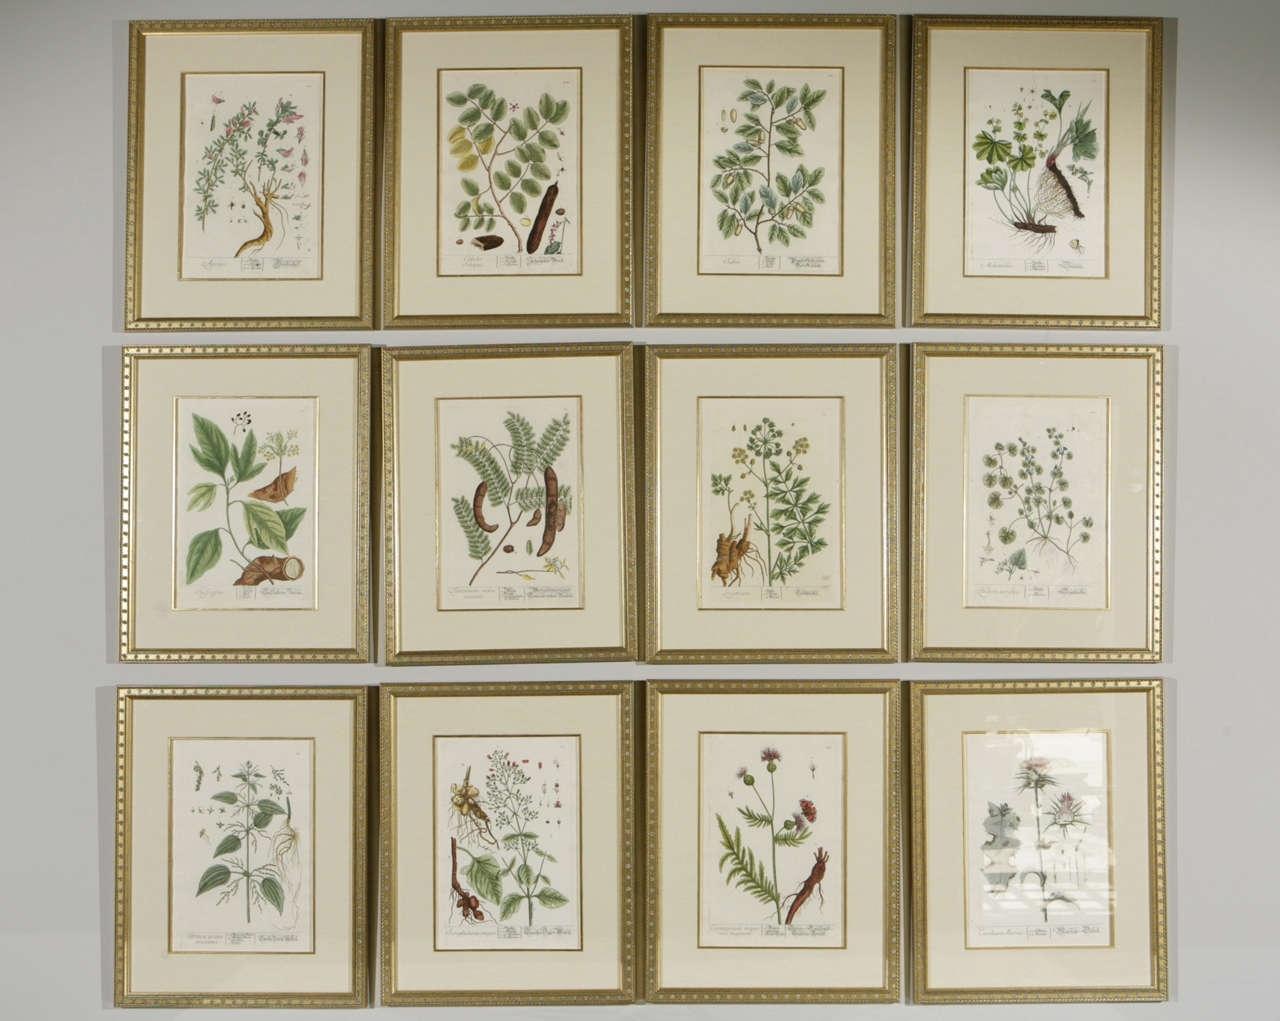 Framed Botanical Prints Sets | Sorrentos Bistro Home Throughout Most Popular Framed Art Prints Sets (Gallery 5 of 15)